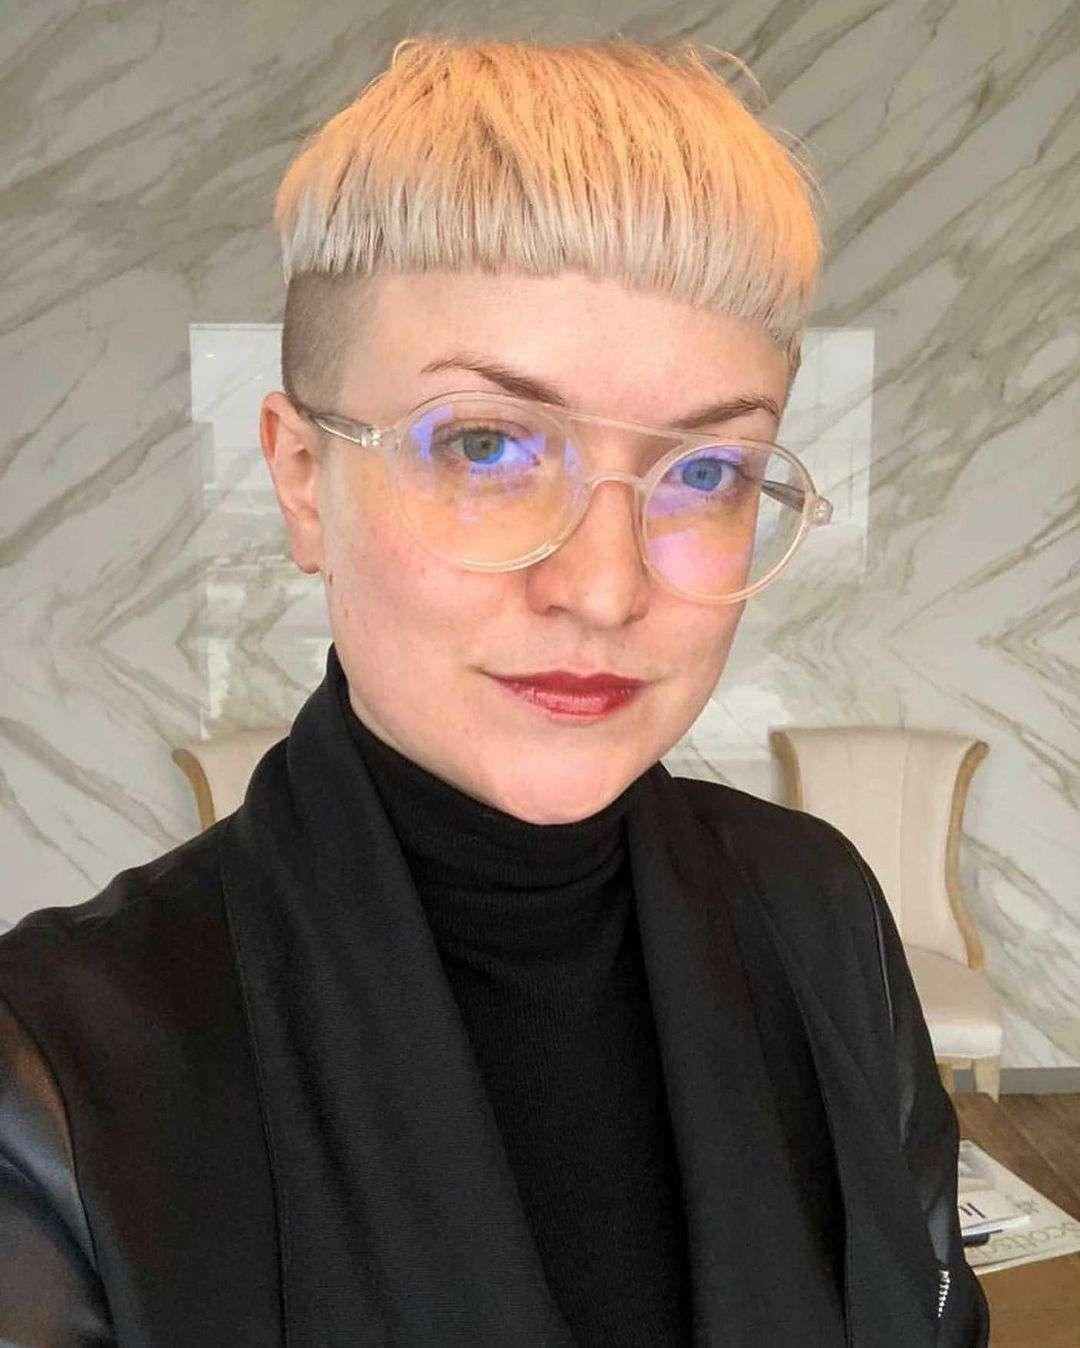 fryzura pieczarka zdjęcia